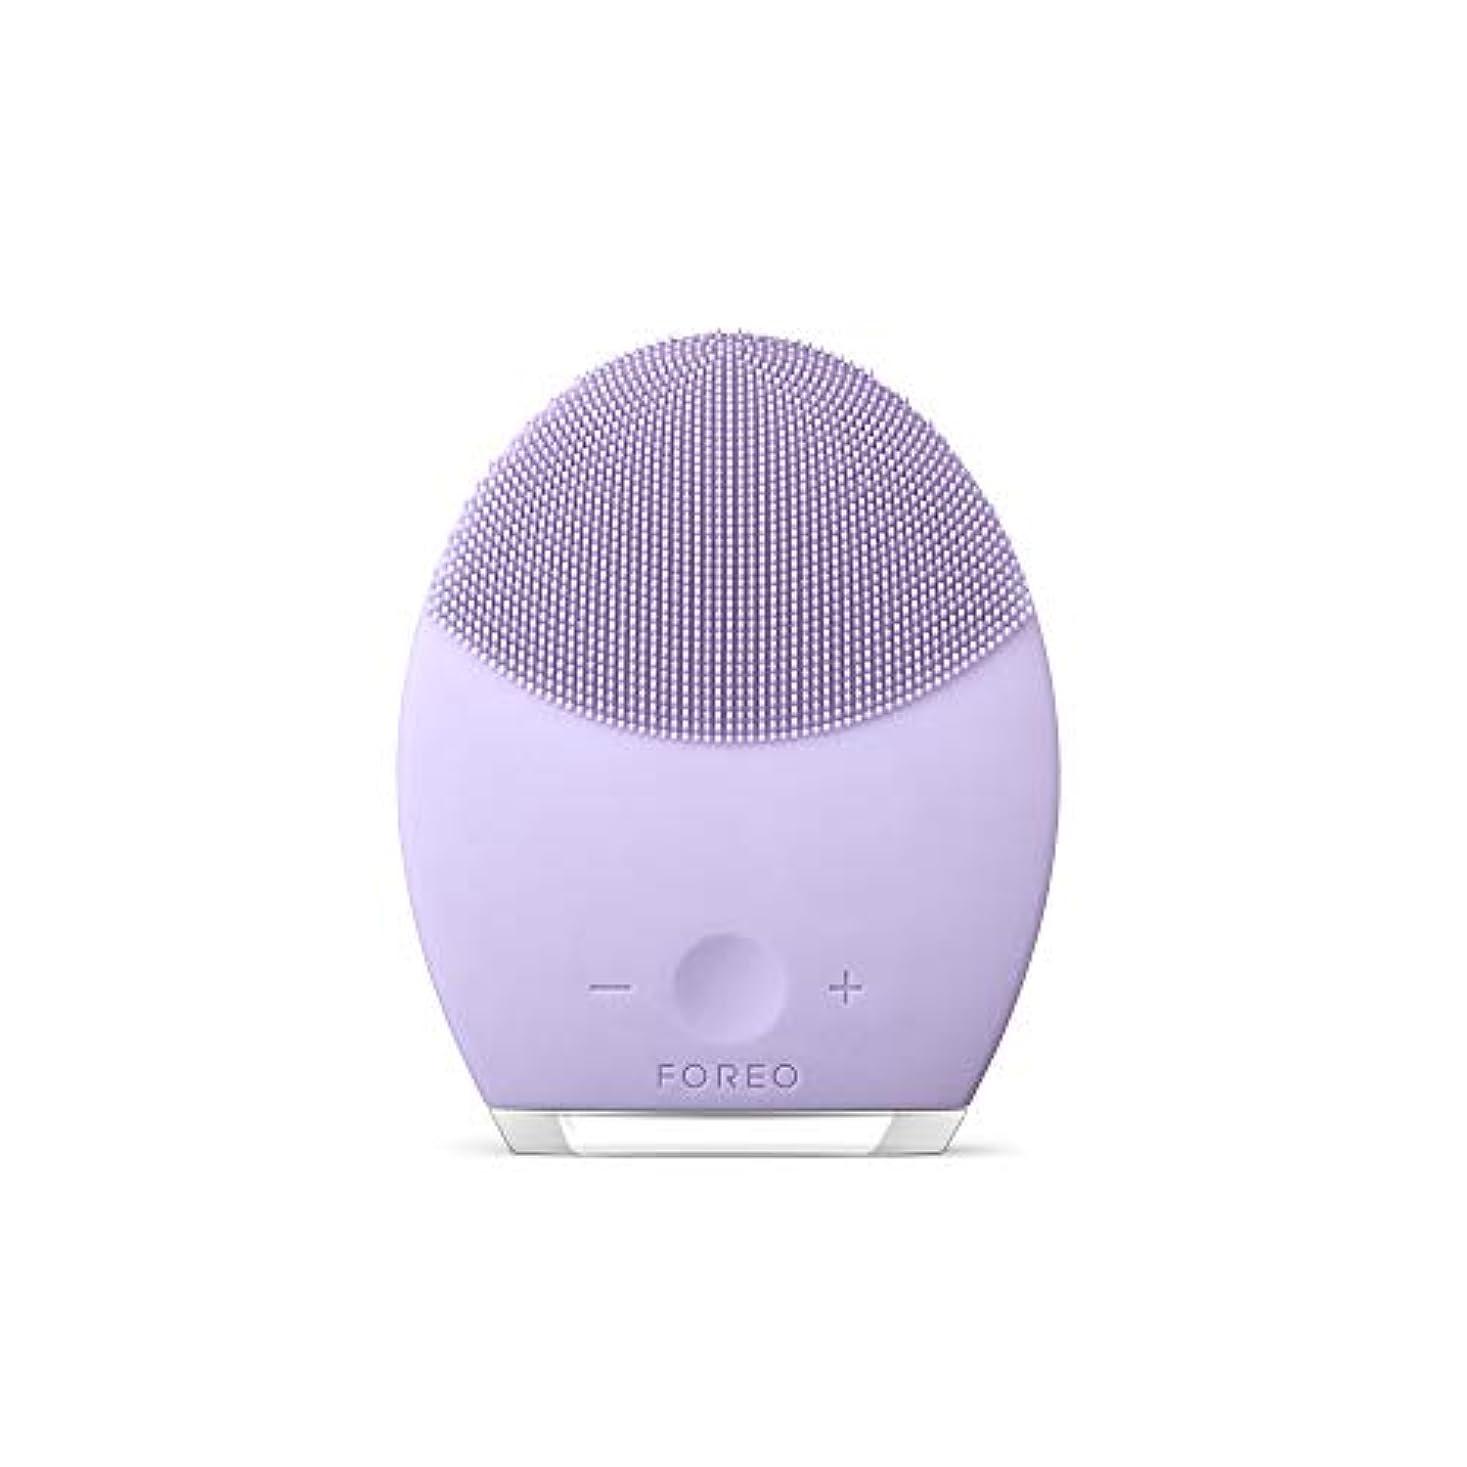 忙しい振幅王室FOREO LUNA 2 for センシティブスキン 電動洗顔ブラシ シリコーン製 音波振動 エイジングケア※